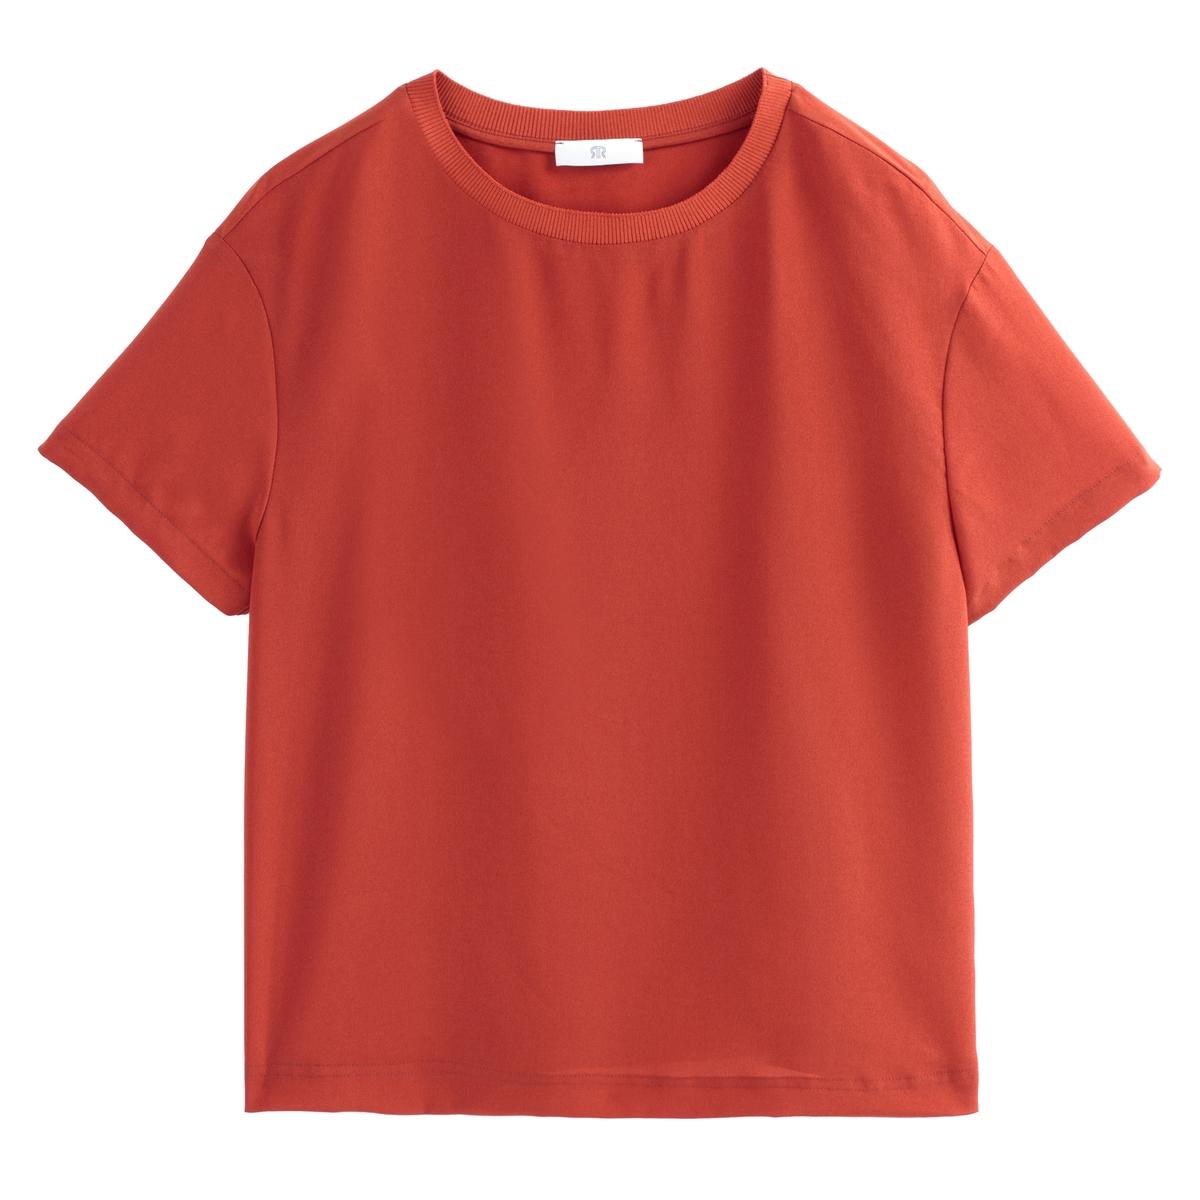 Blusa de manga corta y cuello redondo